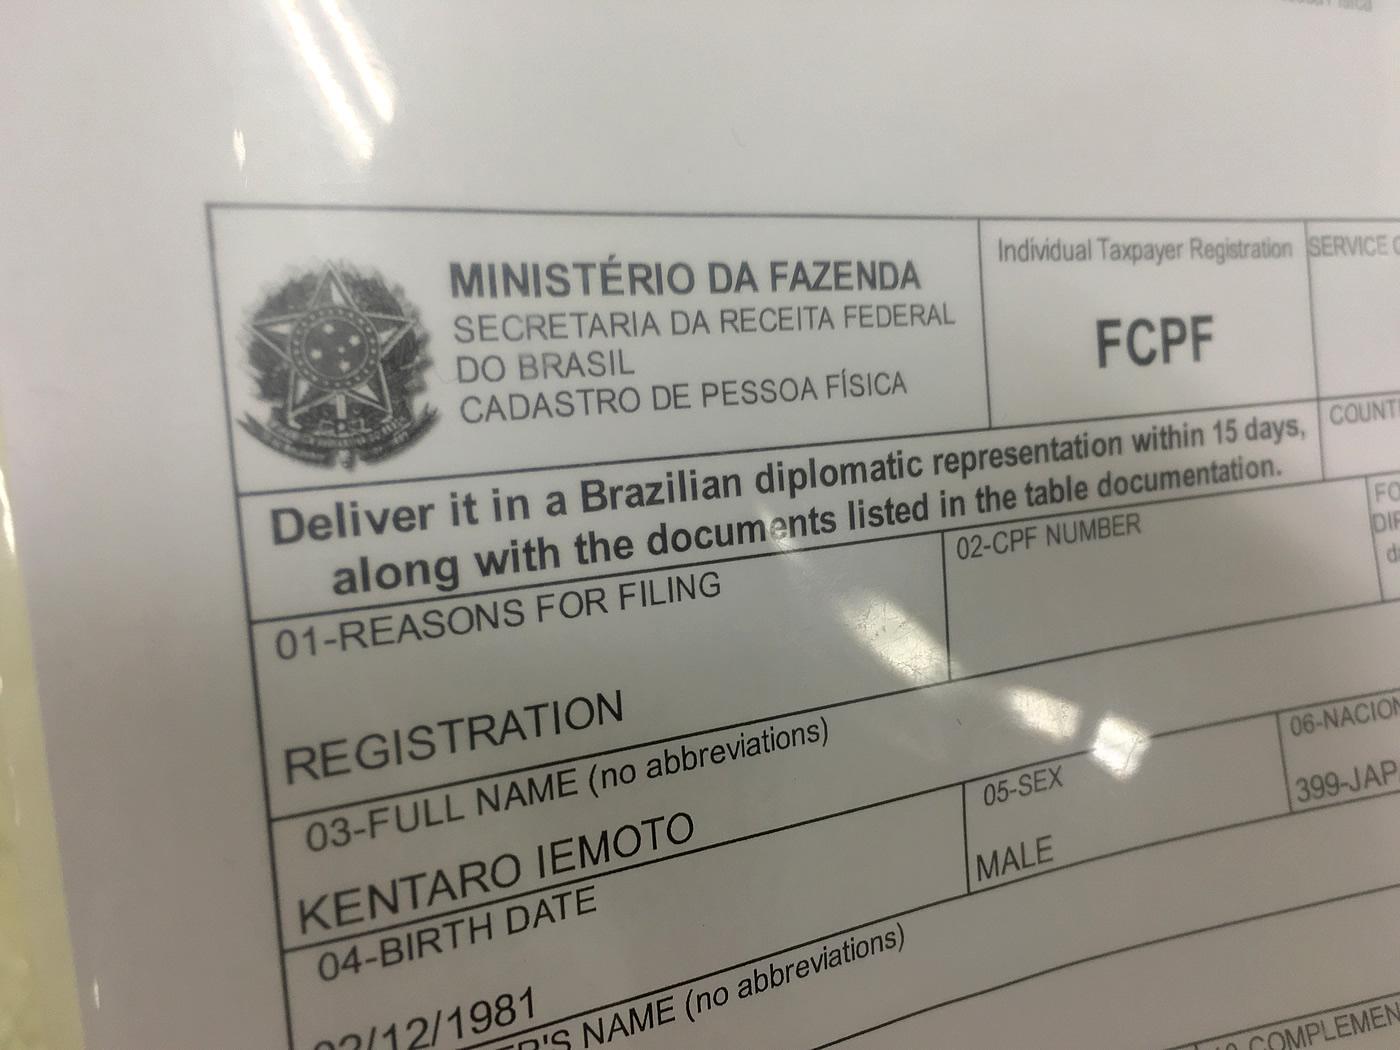 印刷した申請書